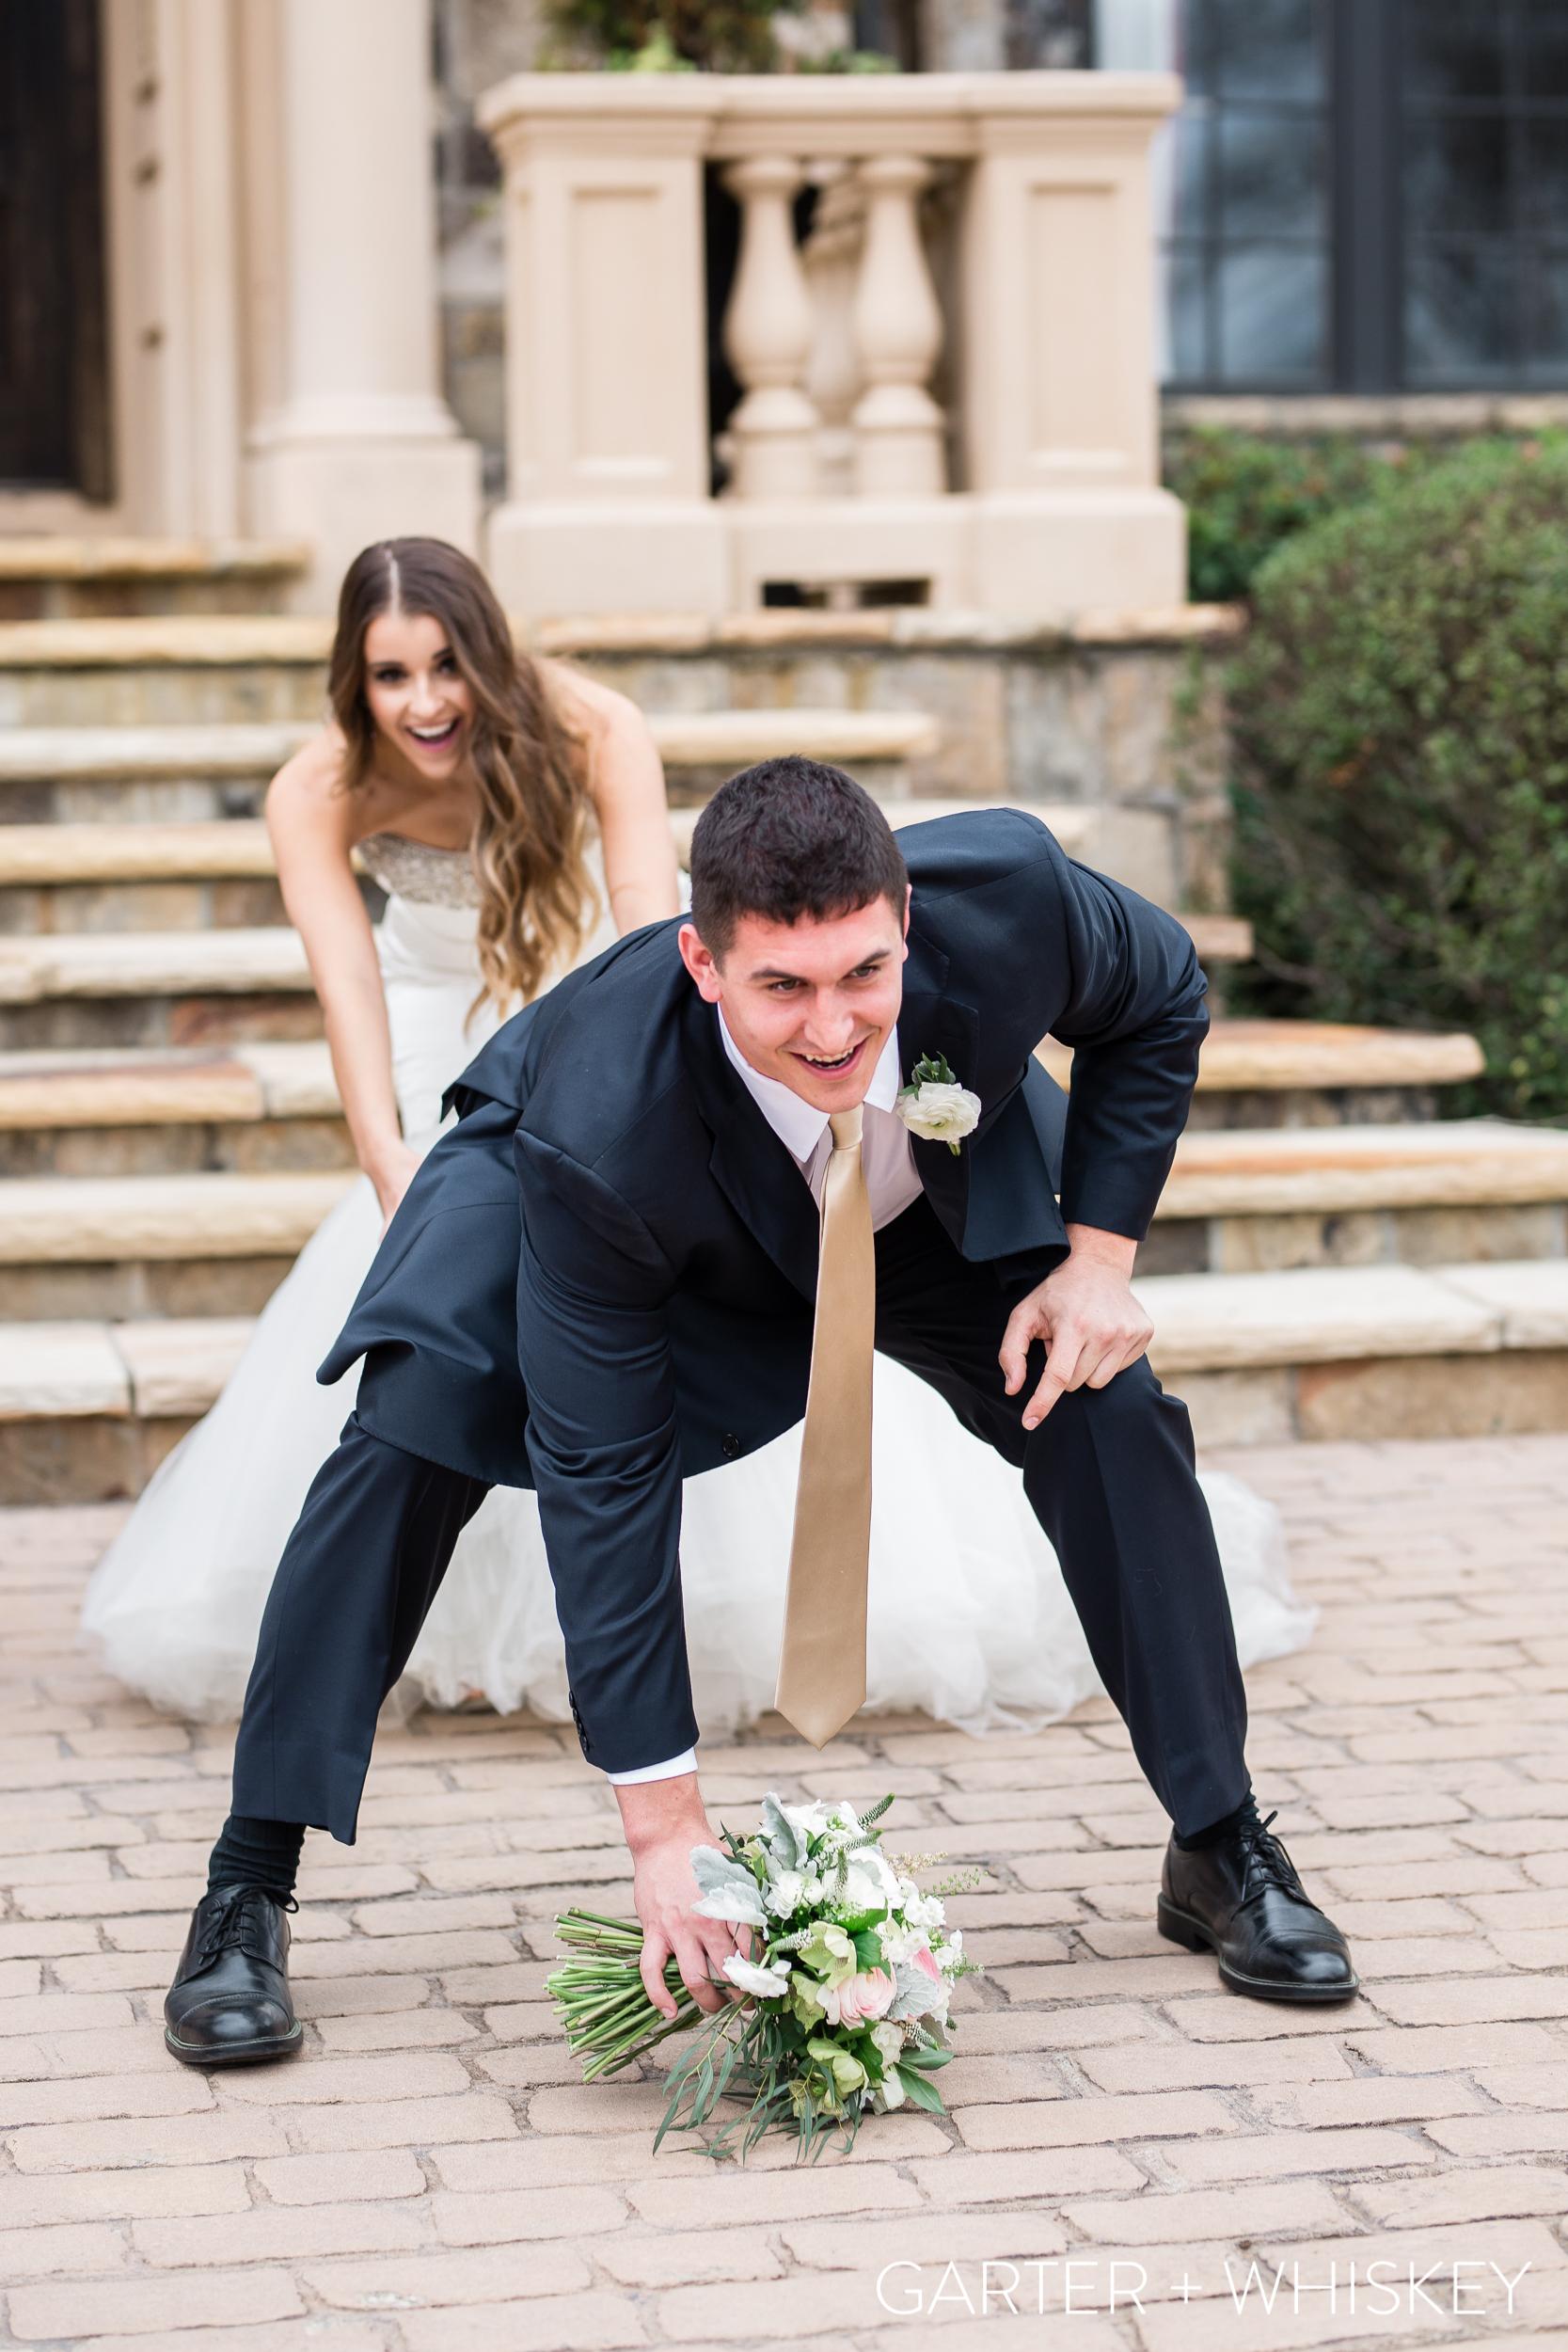 GY5A2294Laskey Wedding.jpg